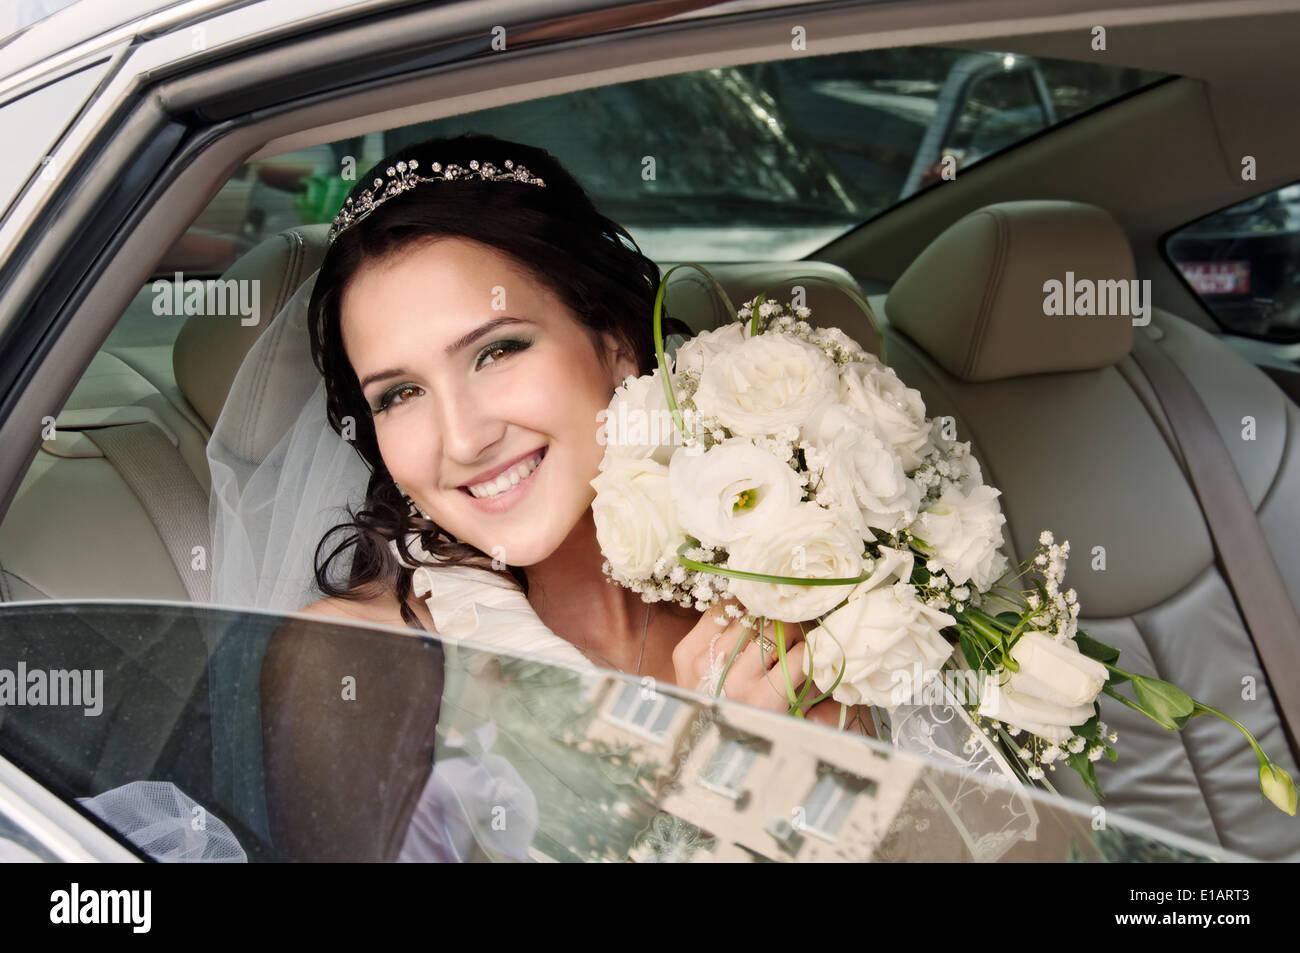 Feliz novia mirando afuera de la ventanilla. Día de la boda Imagen De Stock